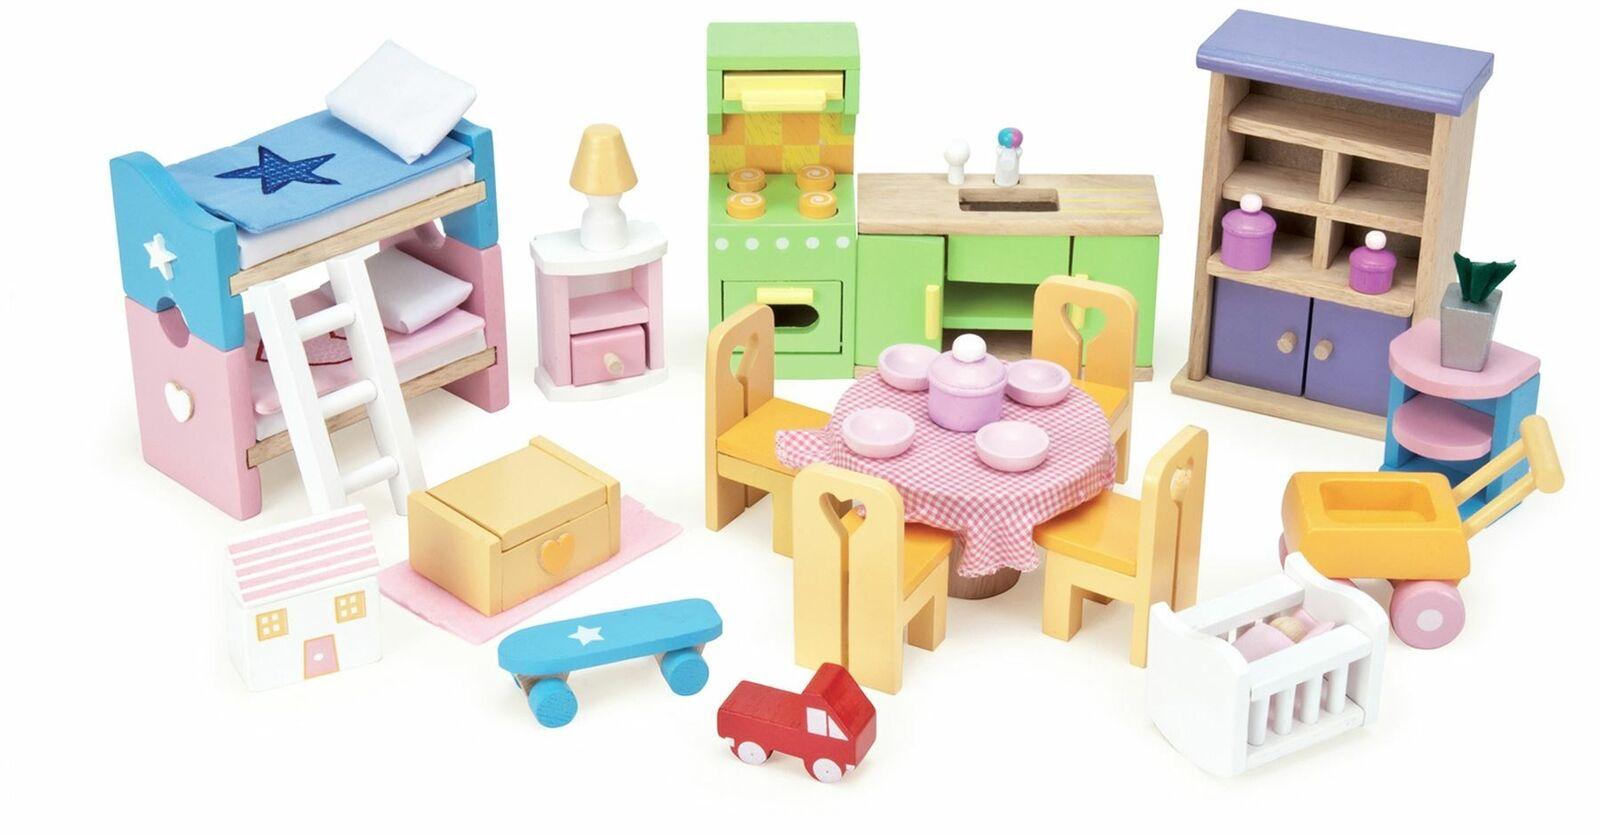 Le giocattolo Van bambola House estrellater Set  di mobili in legno giocattolo BN  vendita outlet